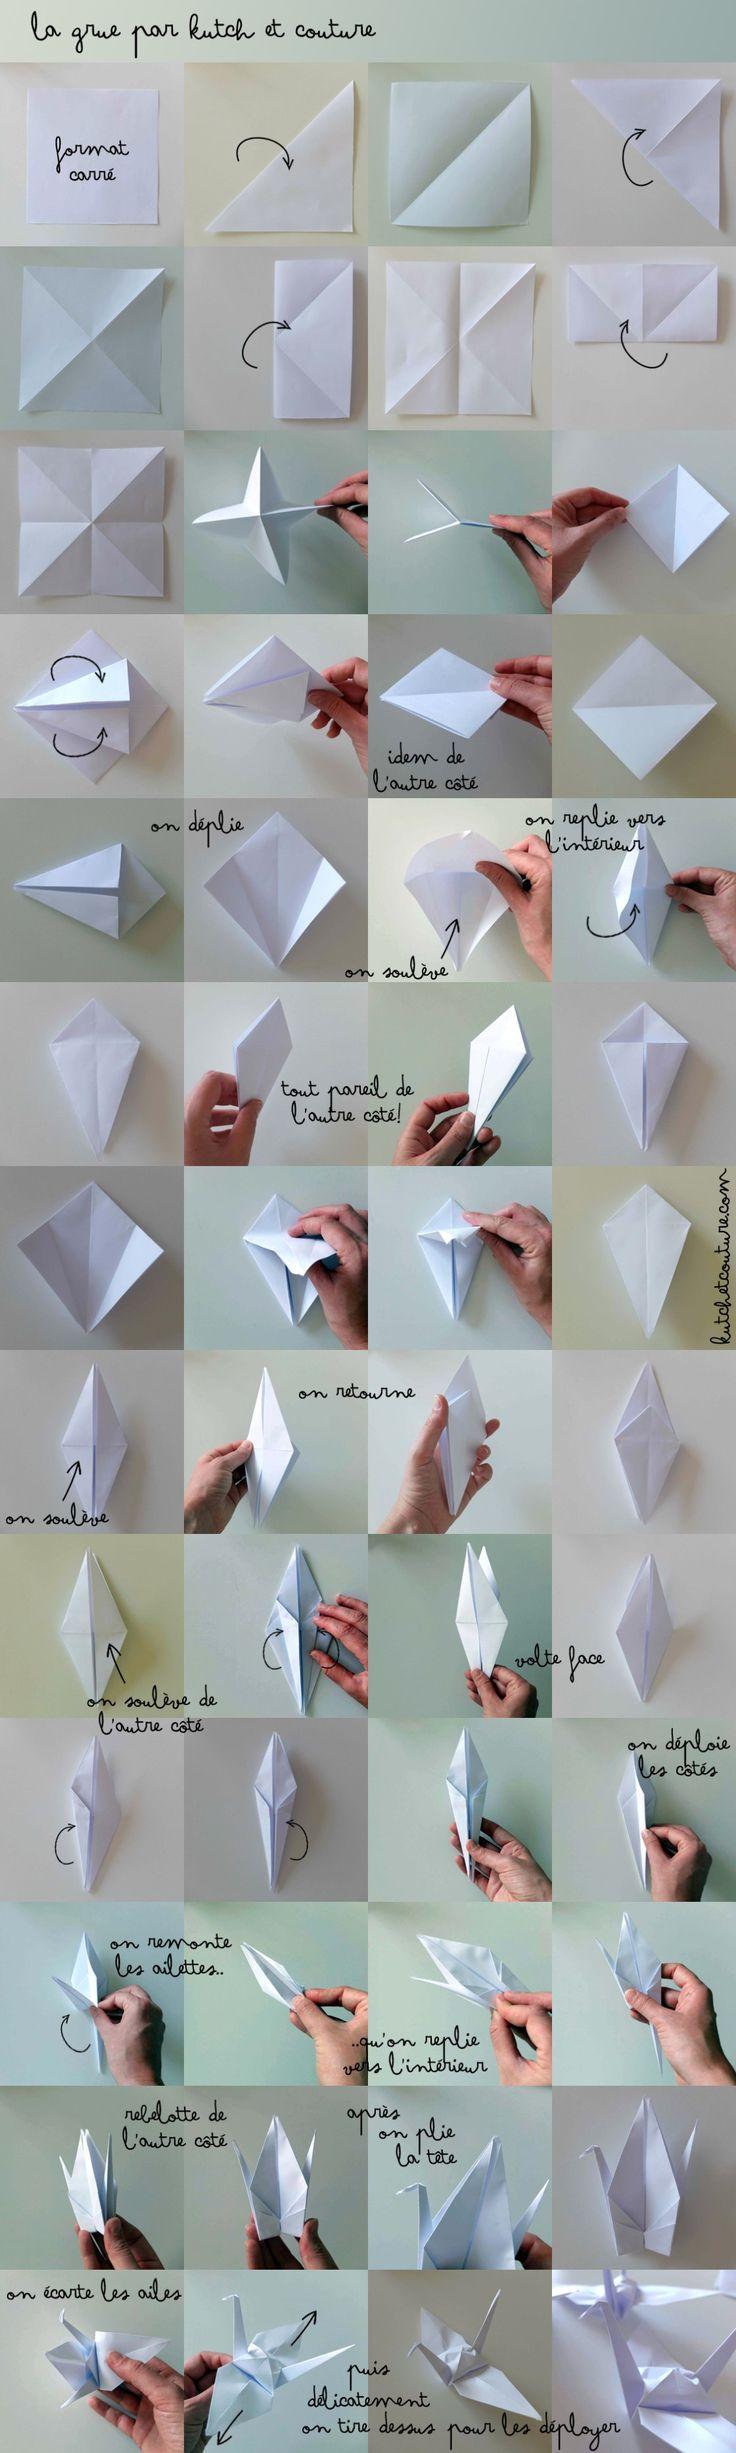 TUTO ORIGAMI sympa à realiser.   Vous pourrez retrouver le materiel adequat sur notre site.  http://so-creativity.com/57-origami